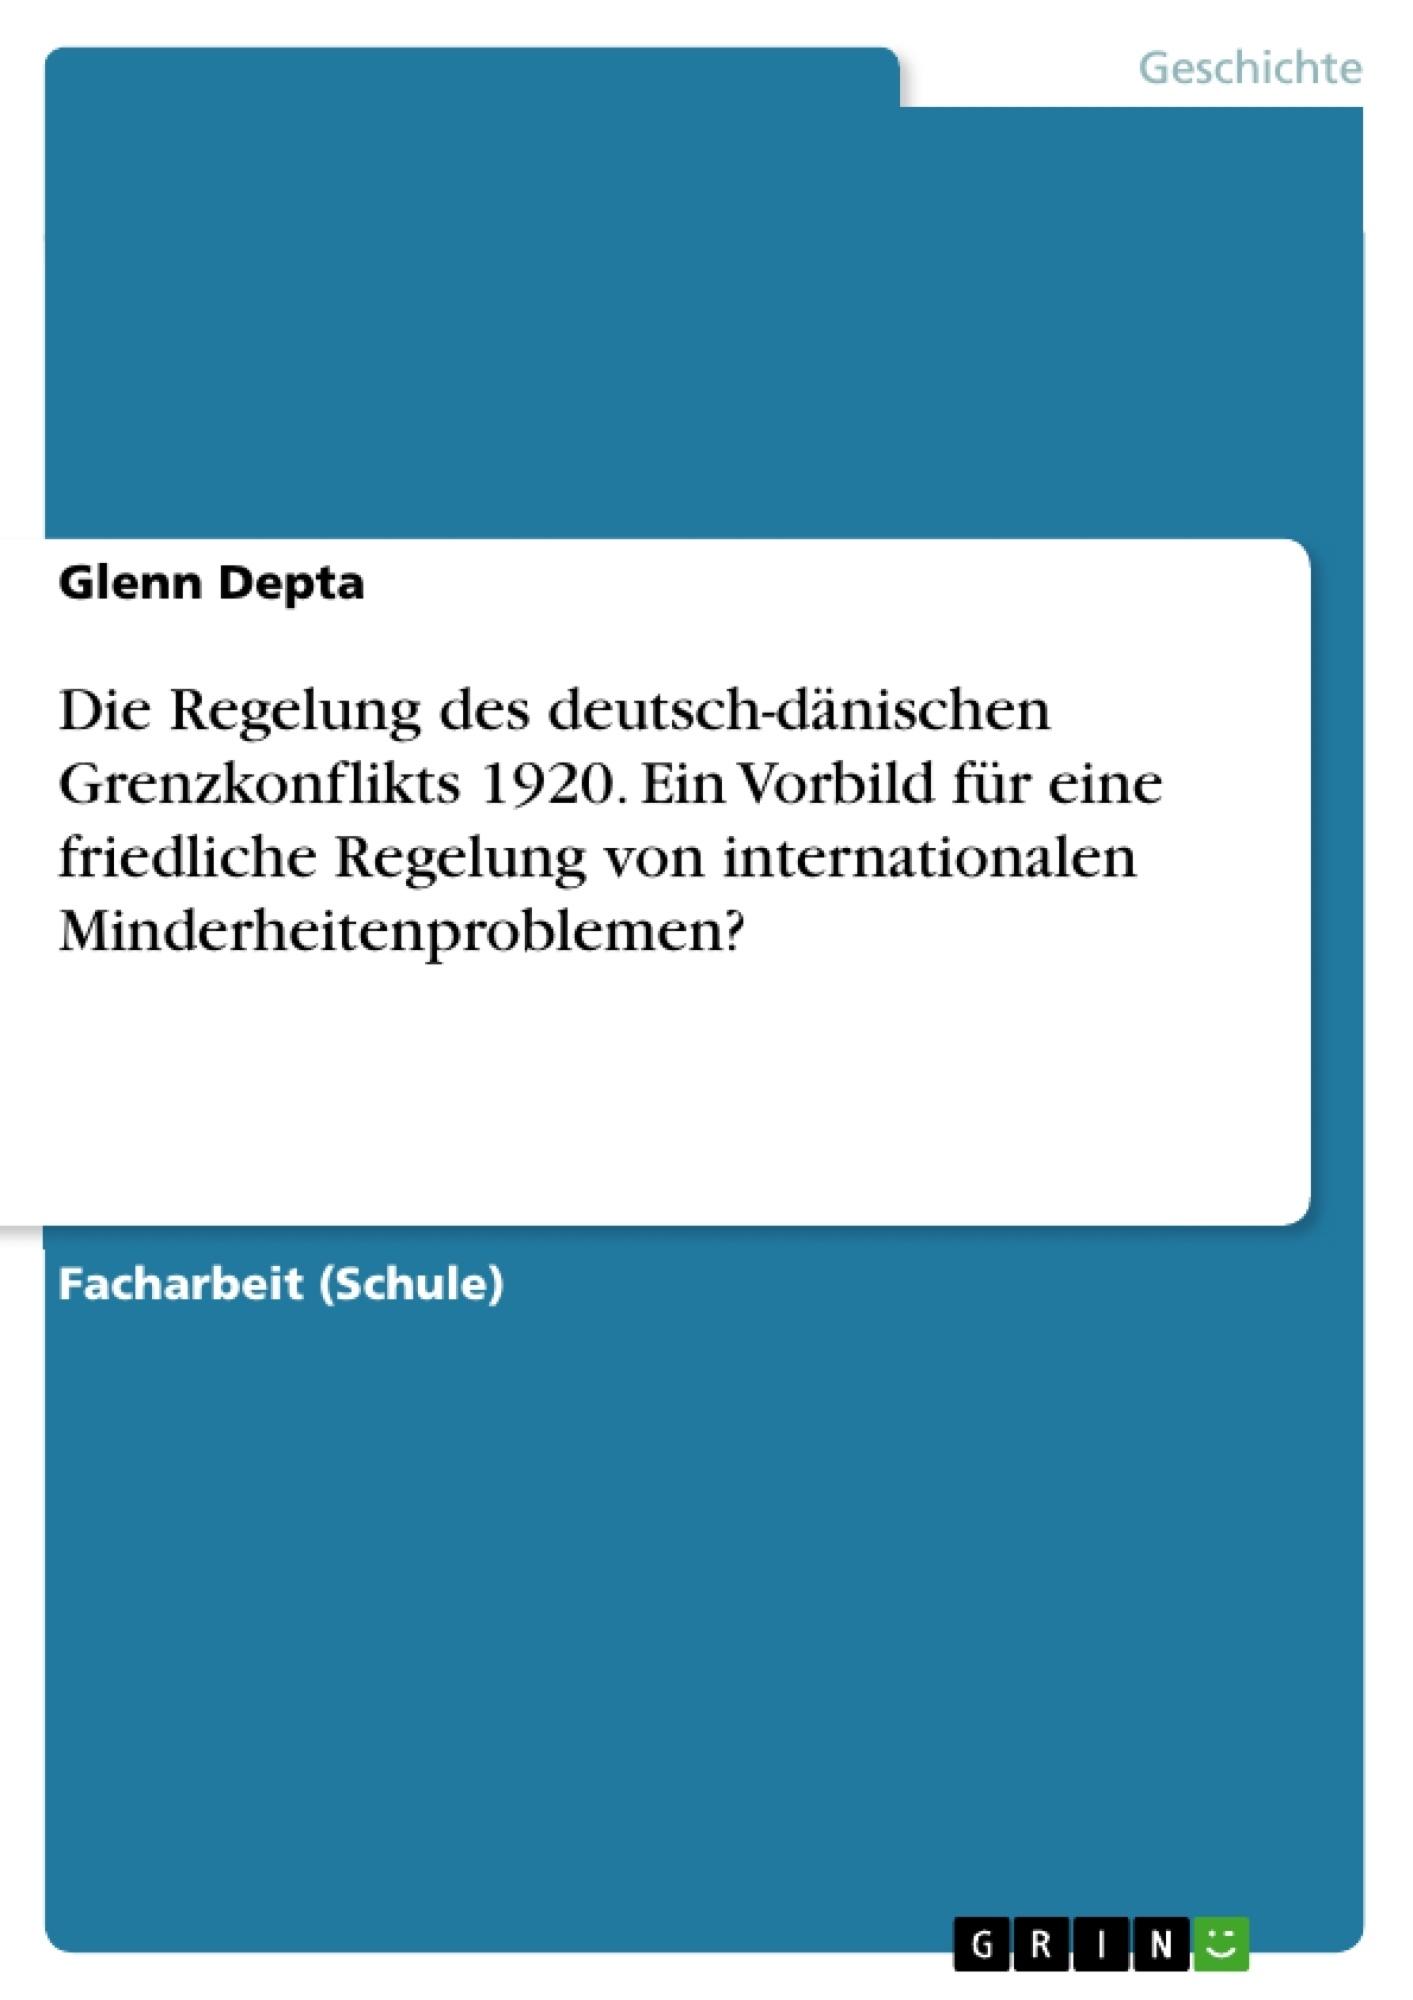 Titel: Die Regelung des deutsch-dänischen Grenzkonflikts 1920. Ein Vorbild für eine friedliche Regelung von internationalen Minderheitenproblemen?